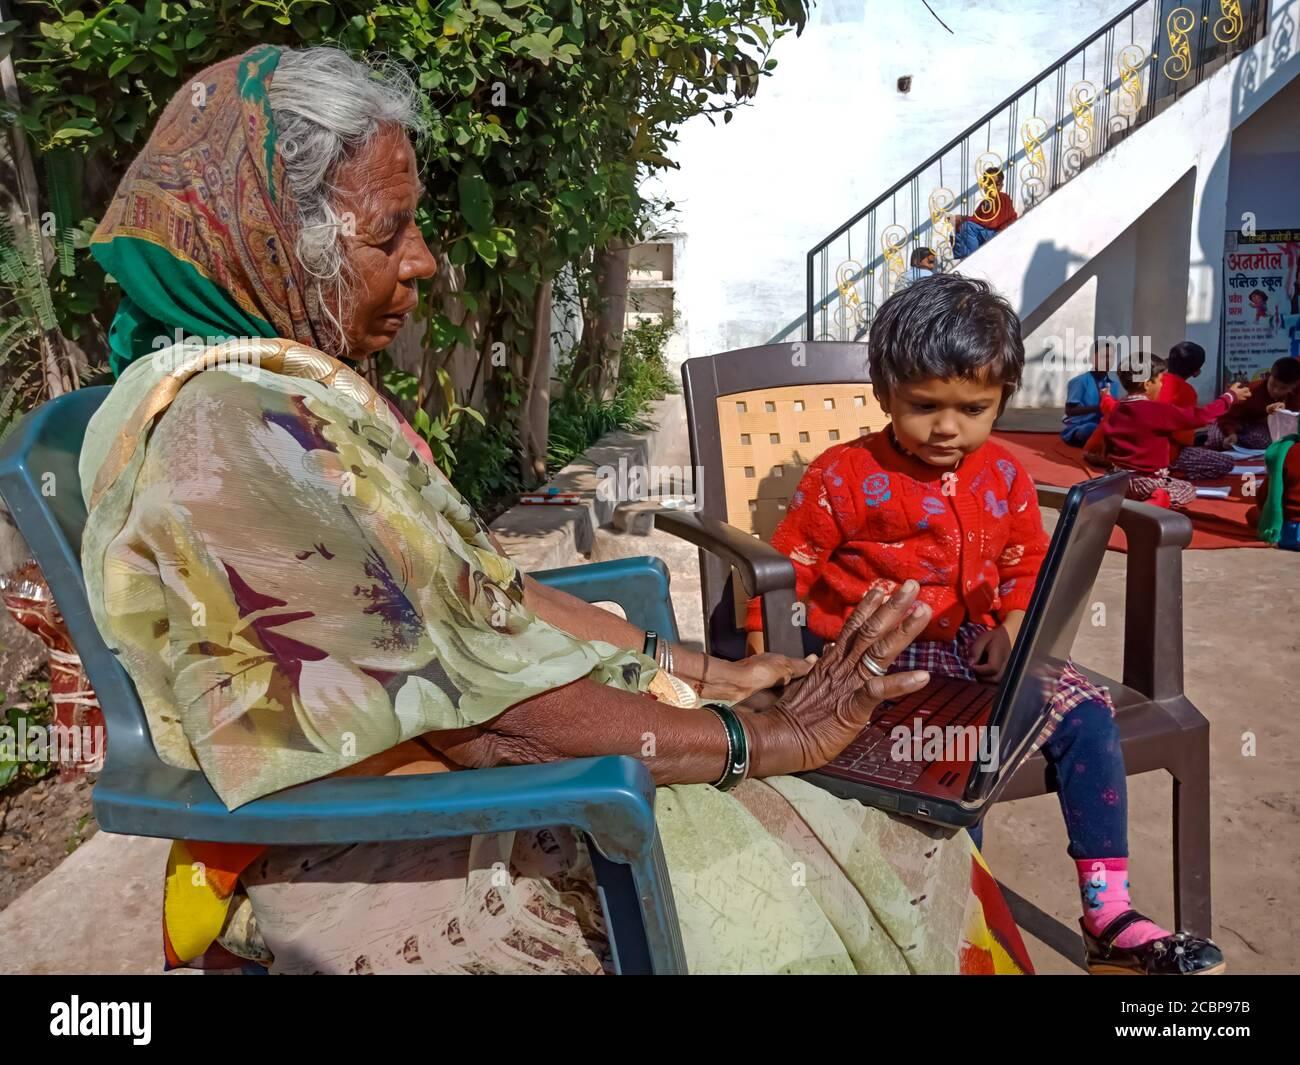 DISTRIKT KATNI, INDIEN - 13. JANUAR 2020: Eine alte Frau aus einem indischen Dorf, die einen Laptop mit kleinen Kindern im Freien betreibt. Stockfoto